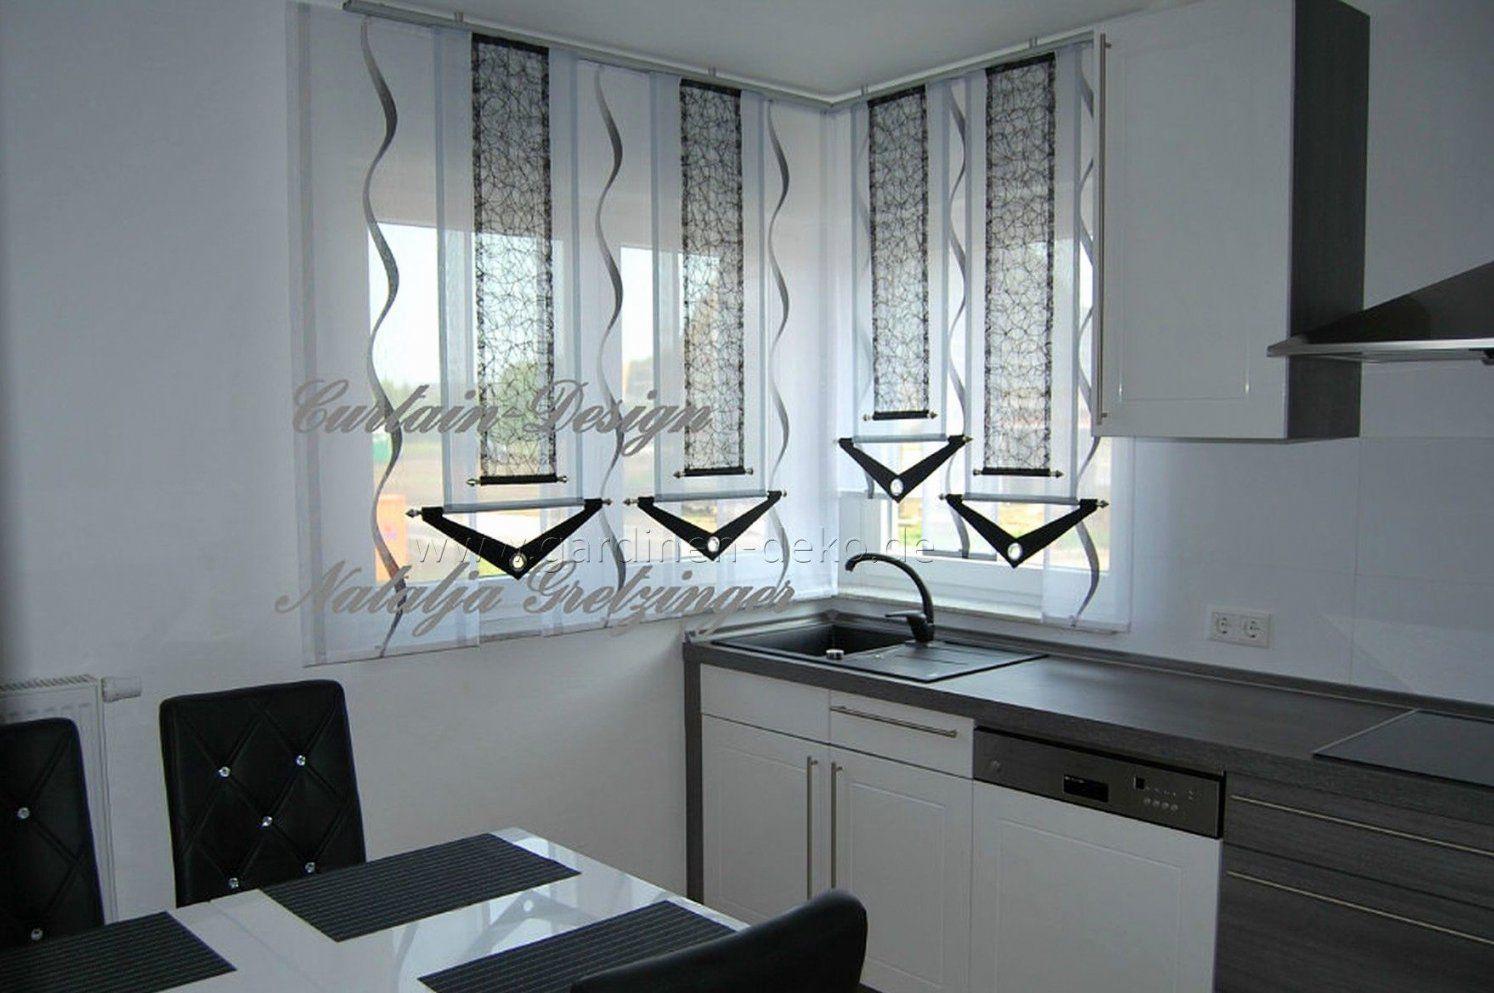 Moderne Gardinen Für Kleine Fenster Inspirierend Best Raffrollo Für von Moderne Gardinen Für Kleine Fenster Photo